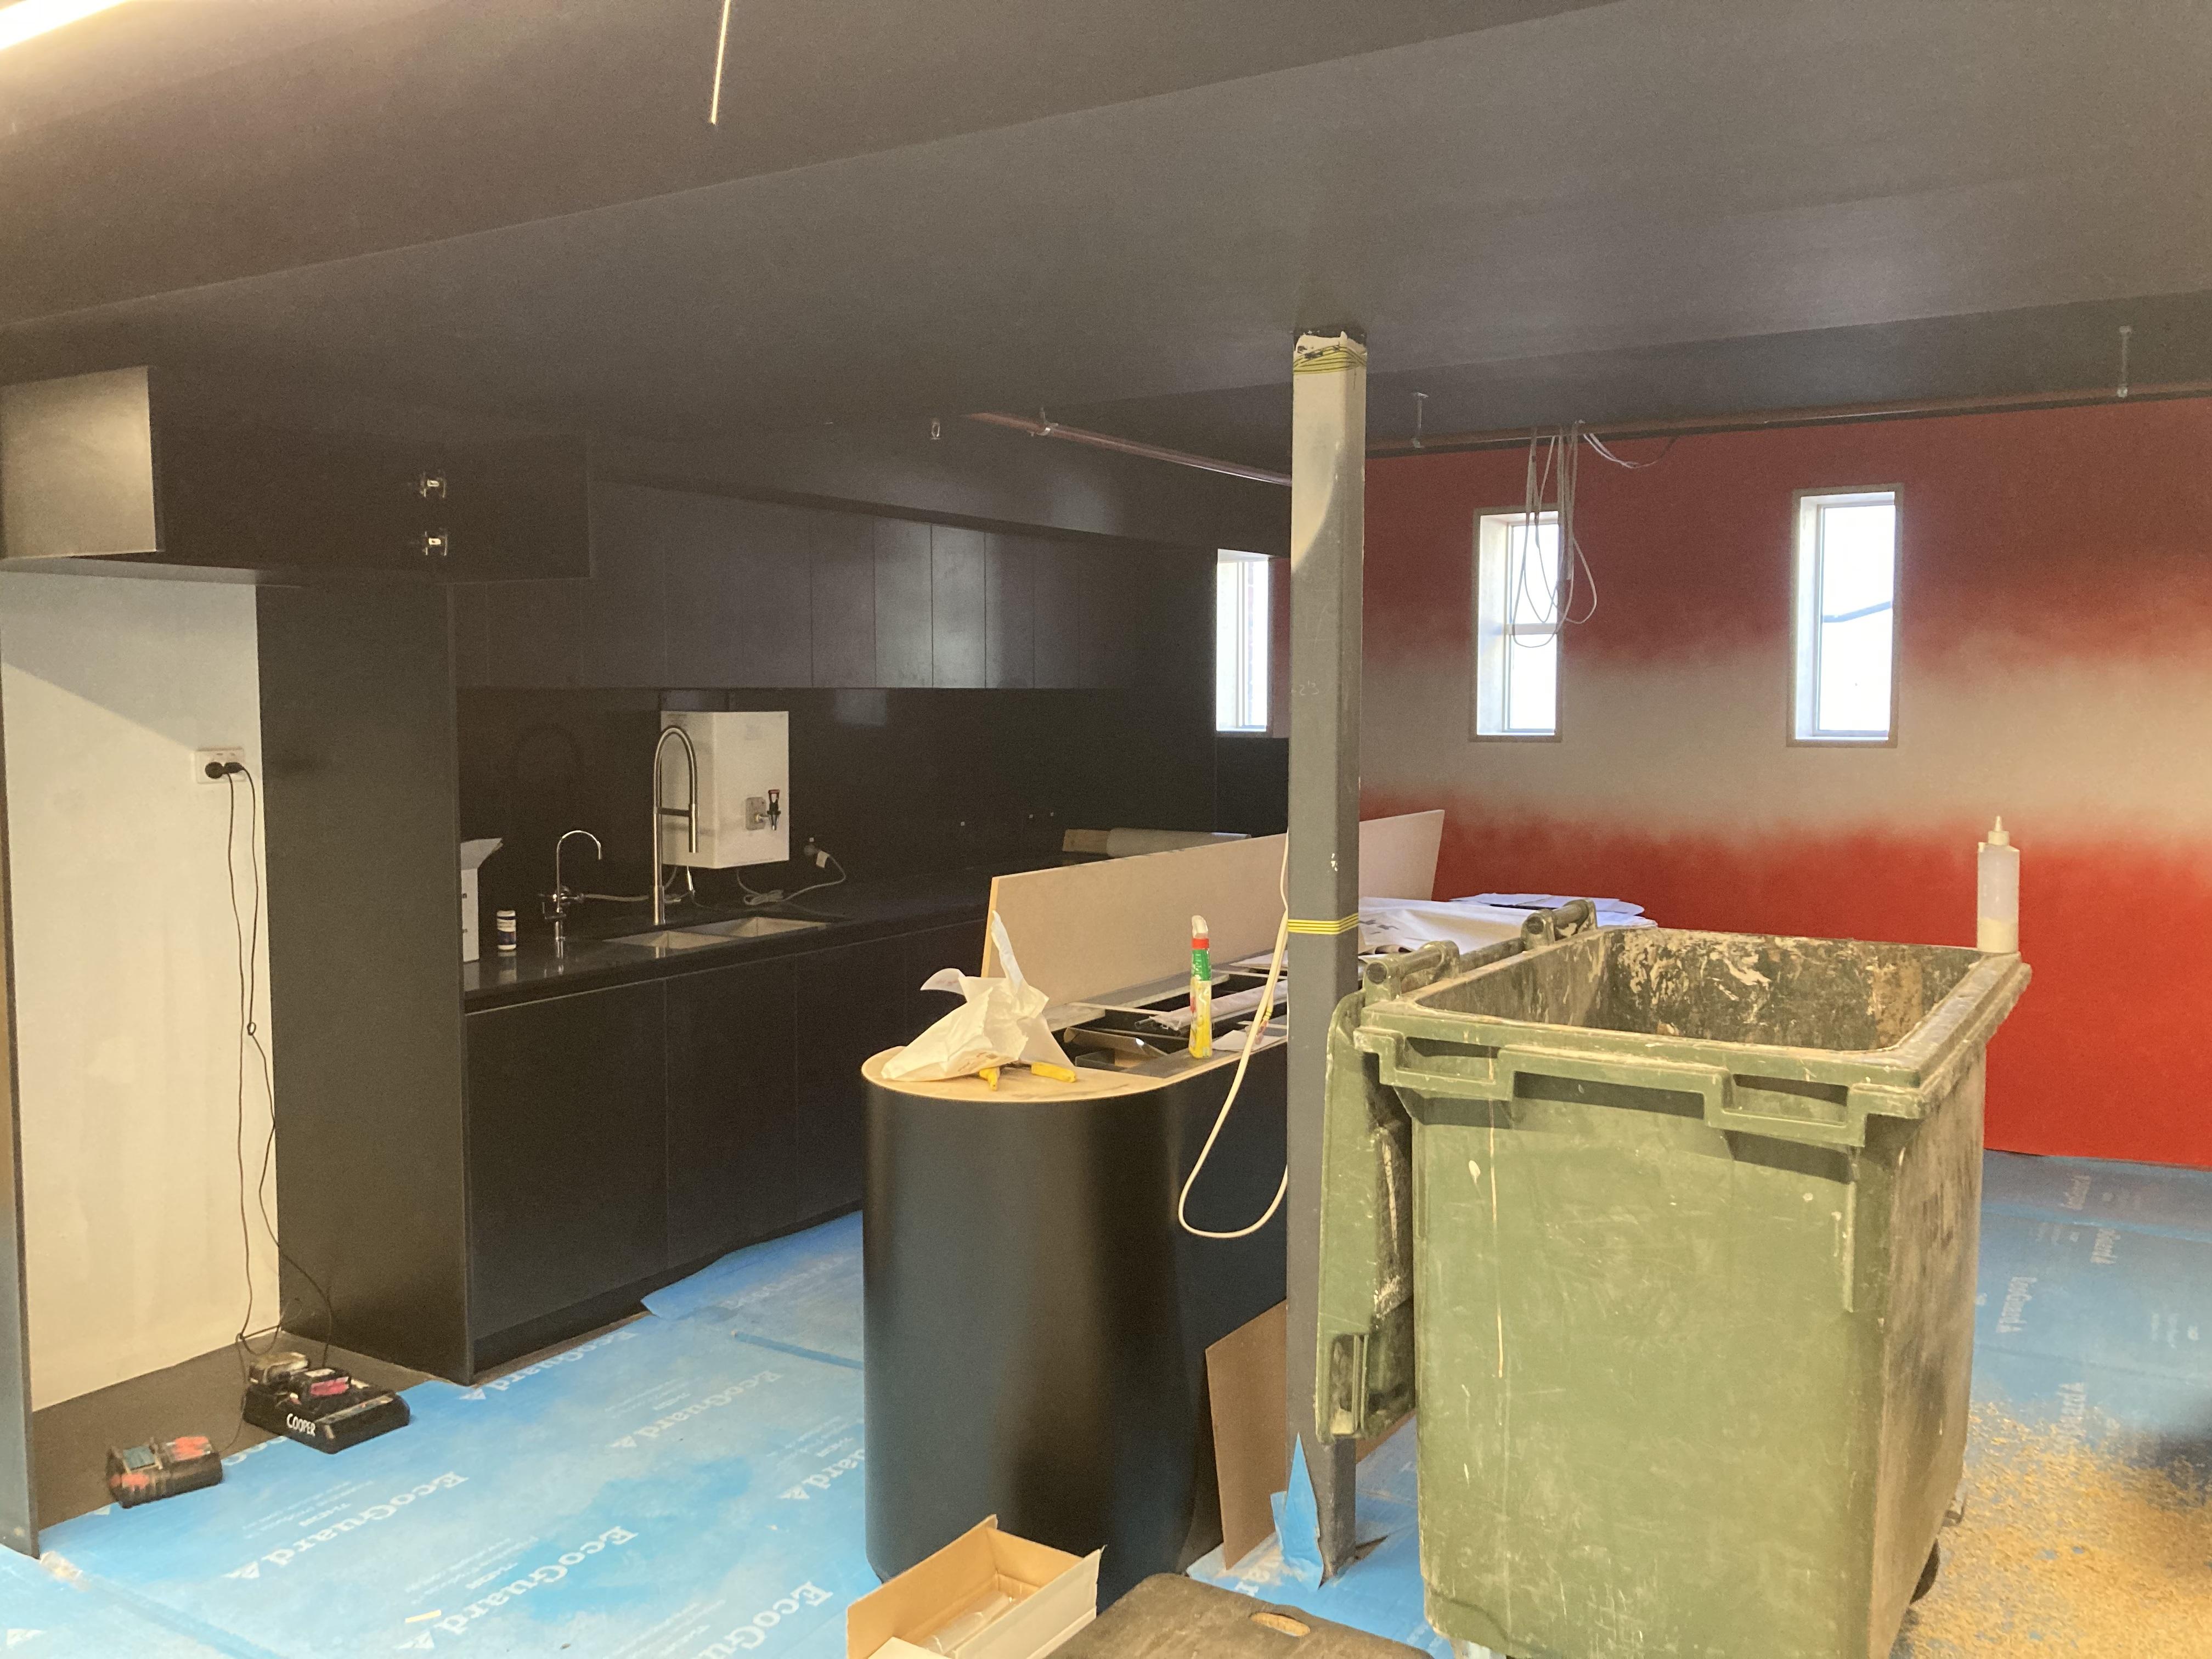 PBS kitchen